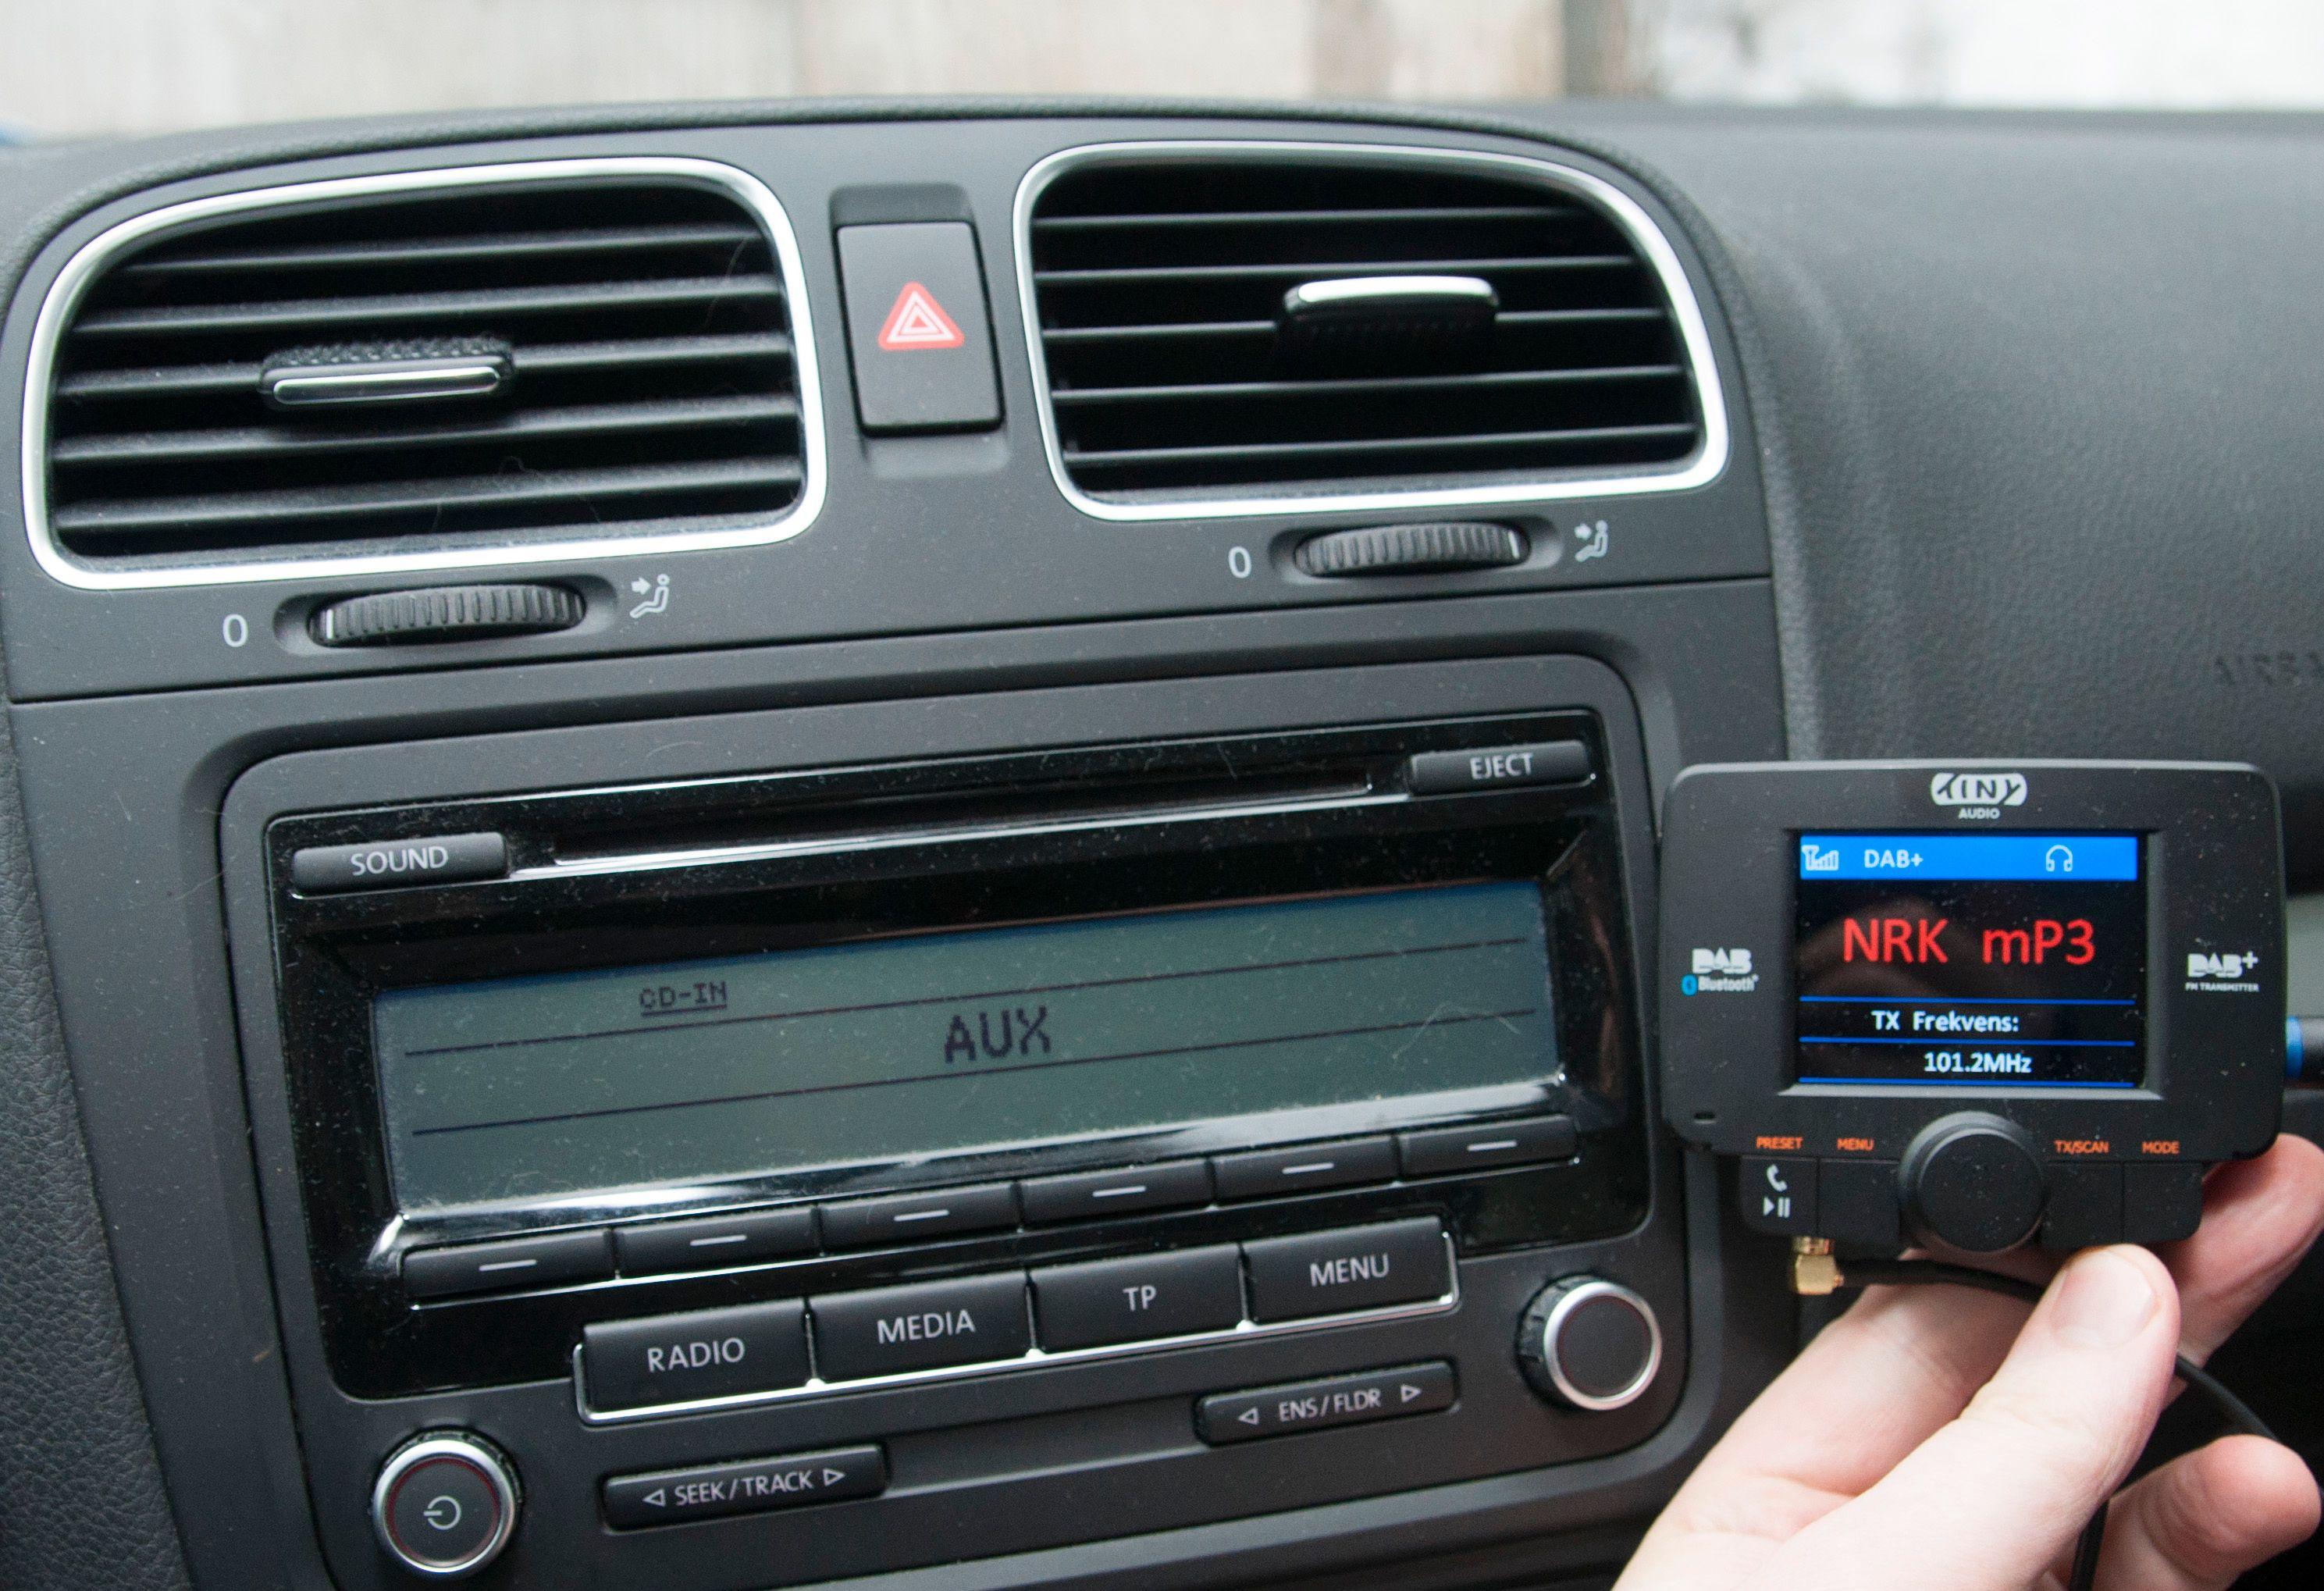 Det er mulig å kjøpe overgangsløsninger. Dette er C3 fra Tiny Audio, som kan kobles til med hodetelefonplugg, Bluetooth, eller som FM-sender.Foto: Finn Jarle Kvalheim, Amobil.no